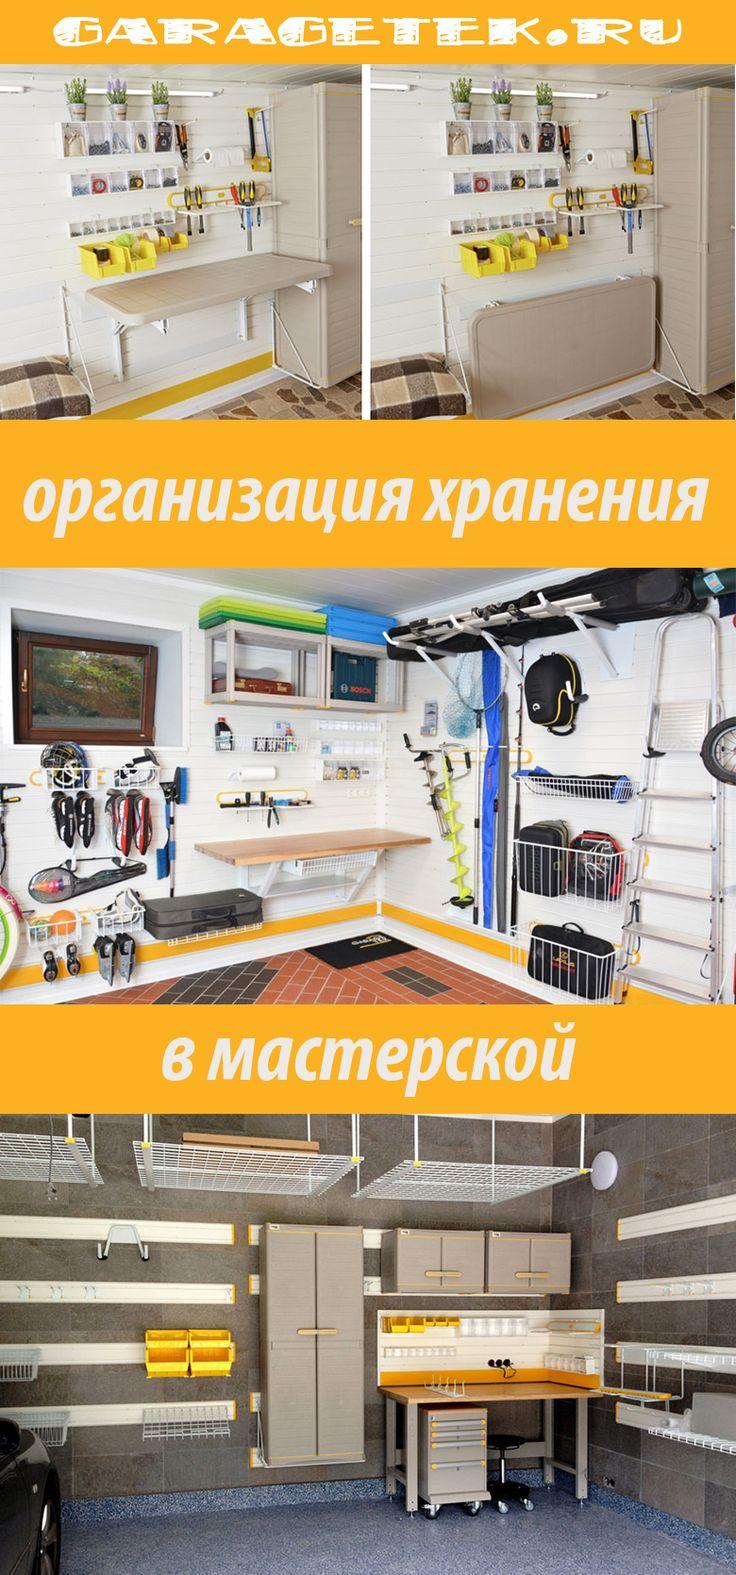 Идеи для мастерской   хранение инструментов  мастерская в гараже  организация мастерской